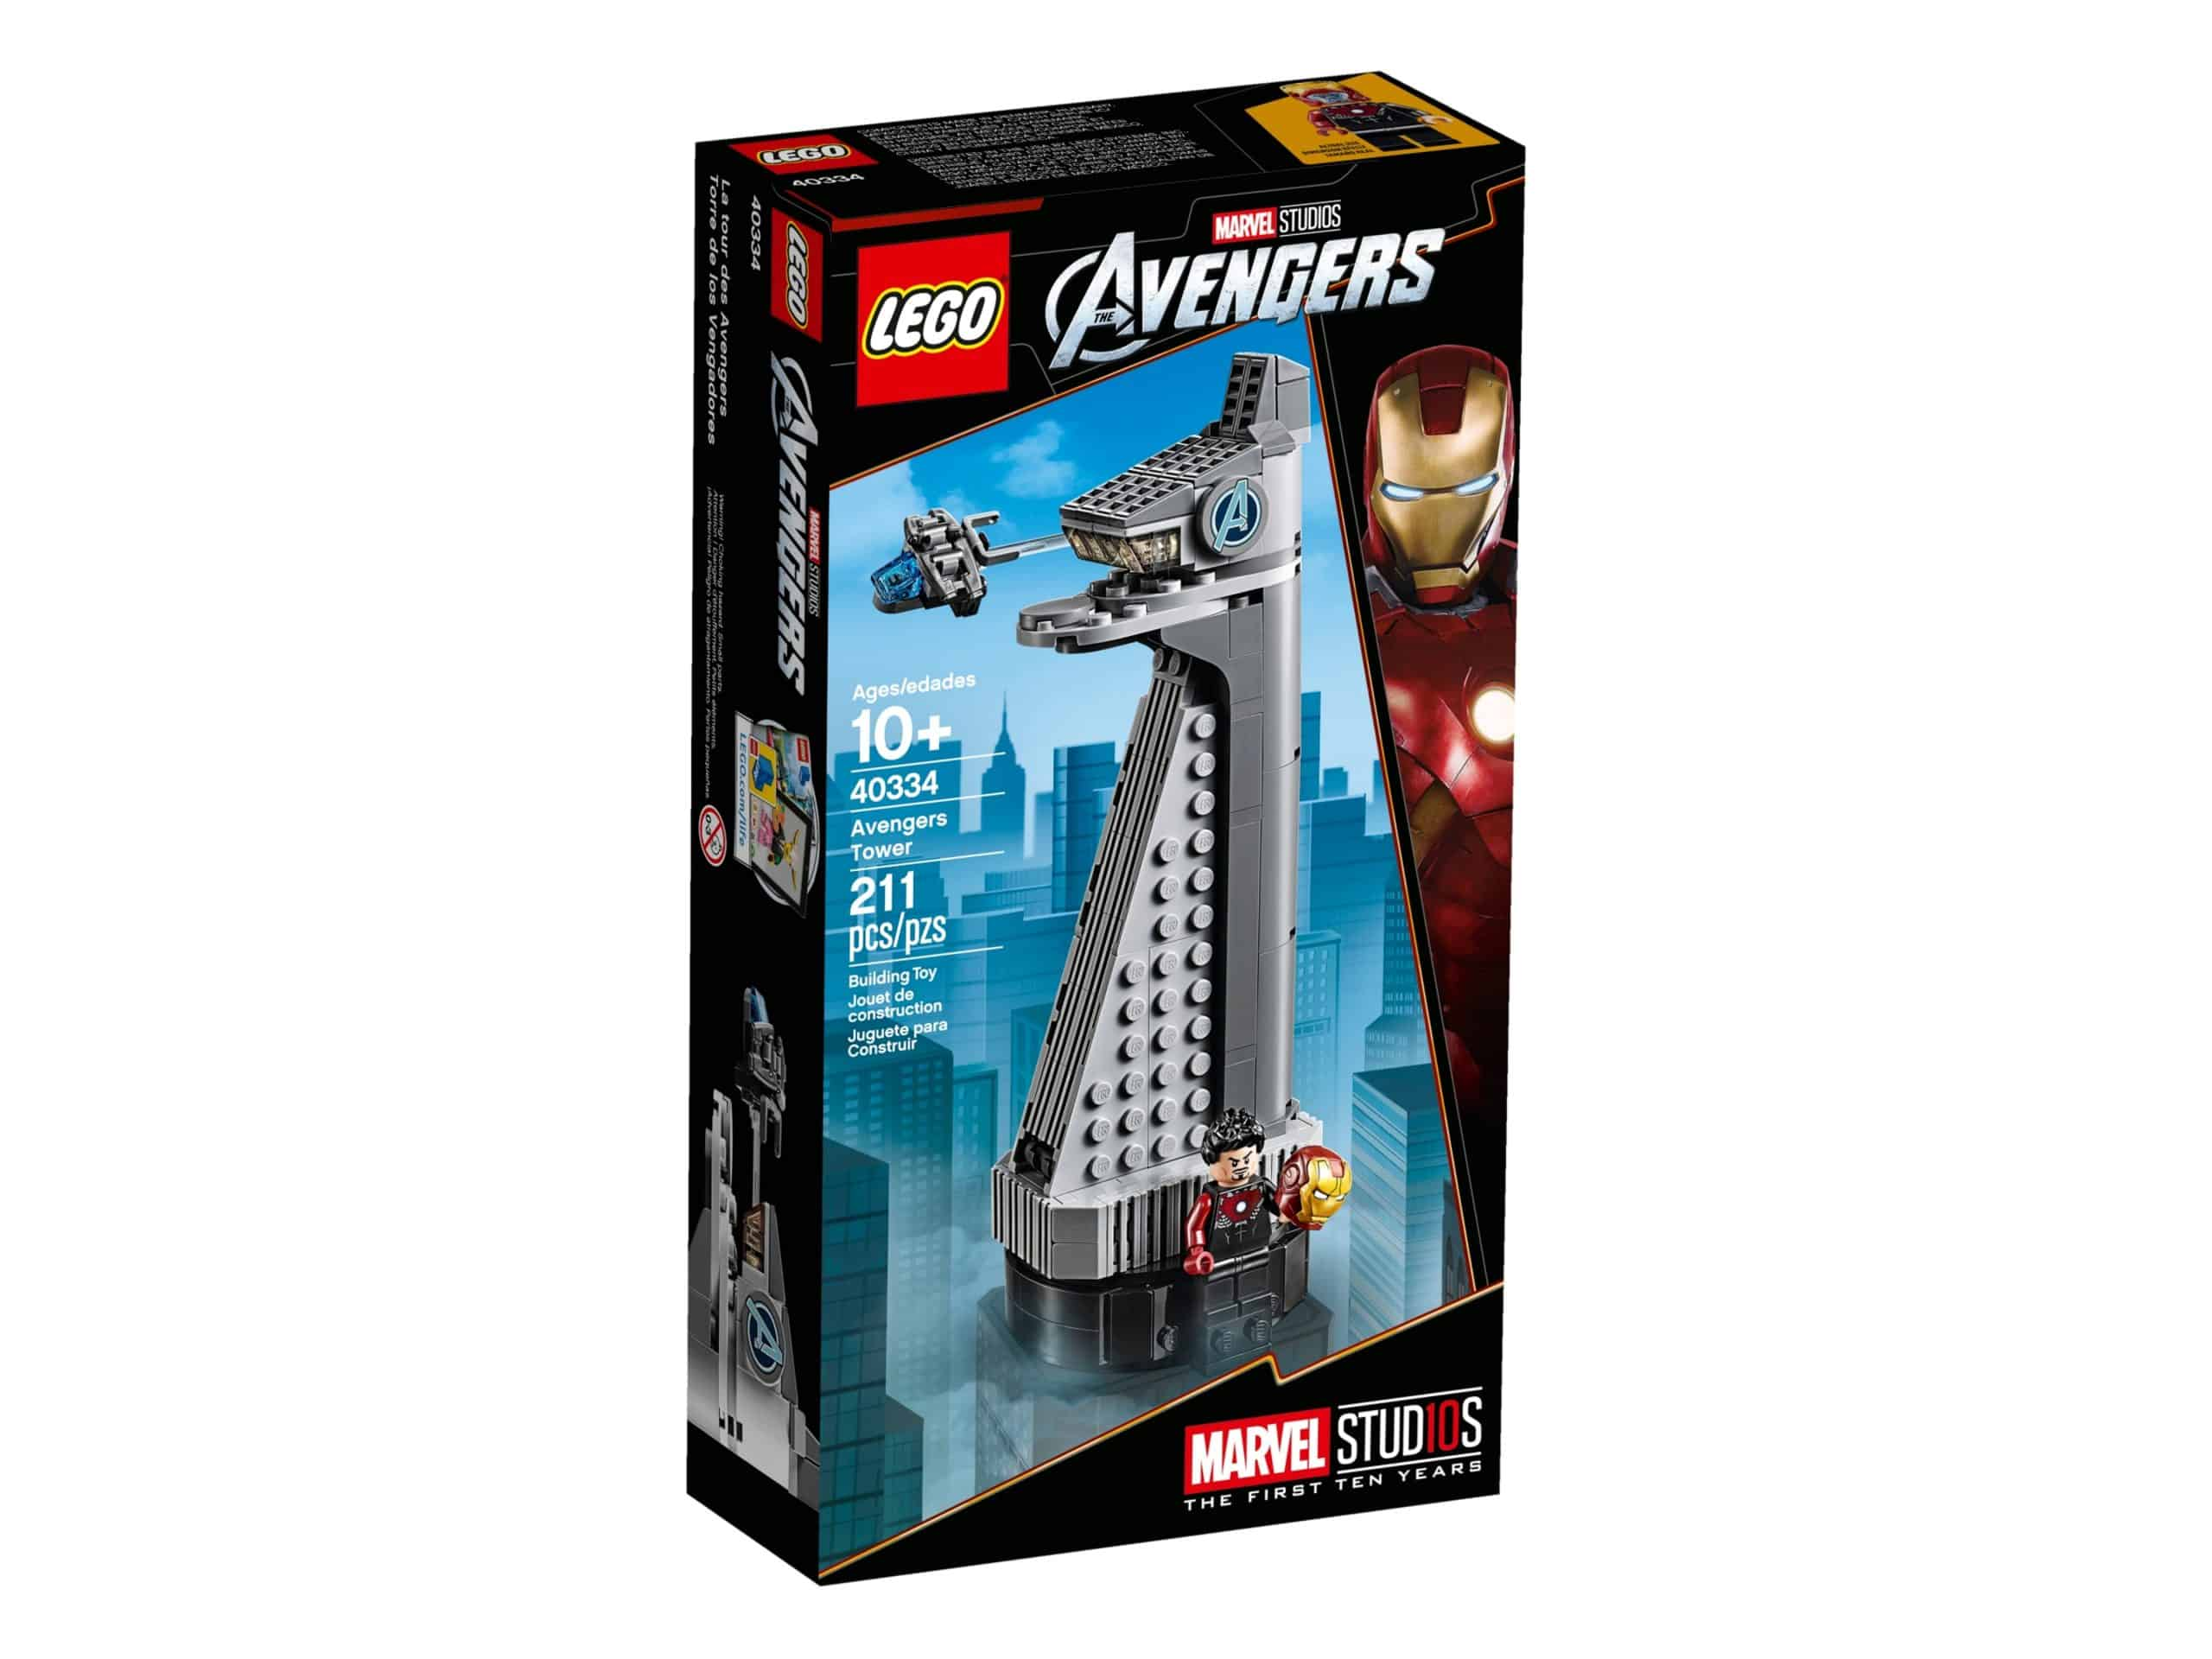 lego 40334 avengers tower scaled